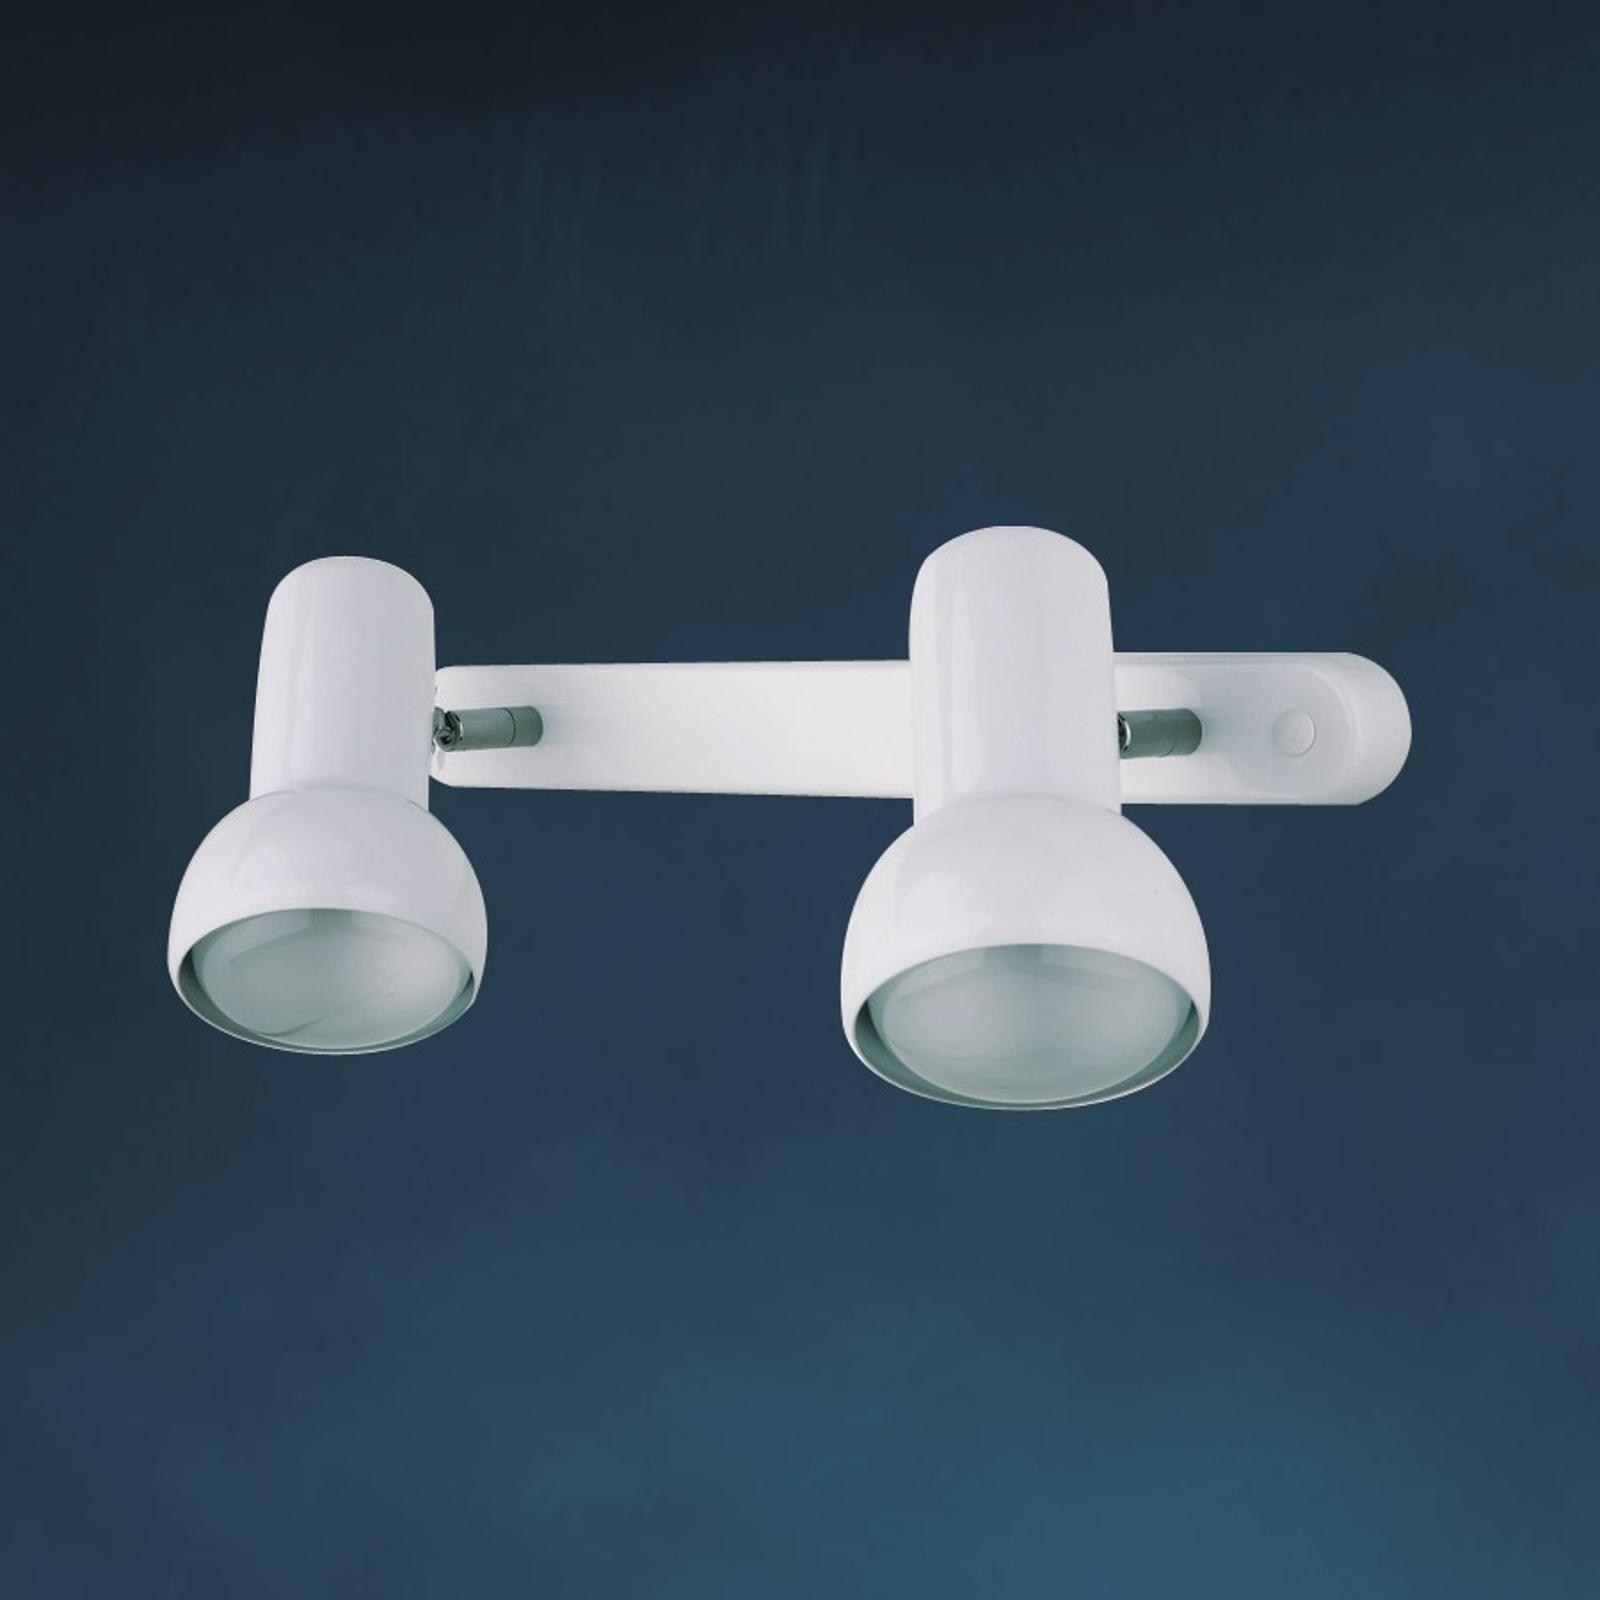 Seinävalaisin EIFEL, retrodesign 2-lamppuinen